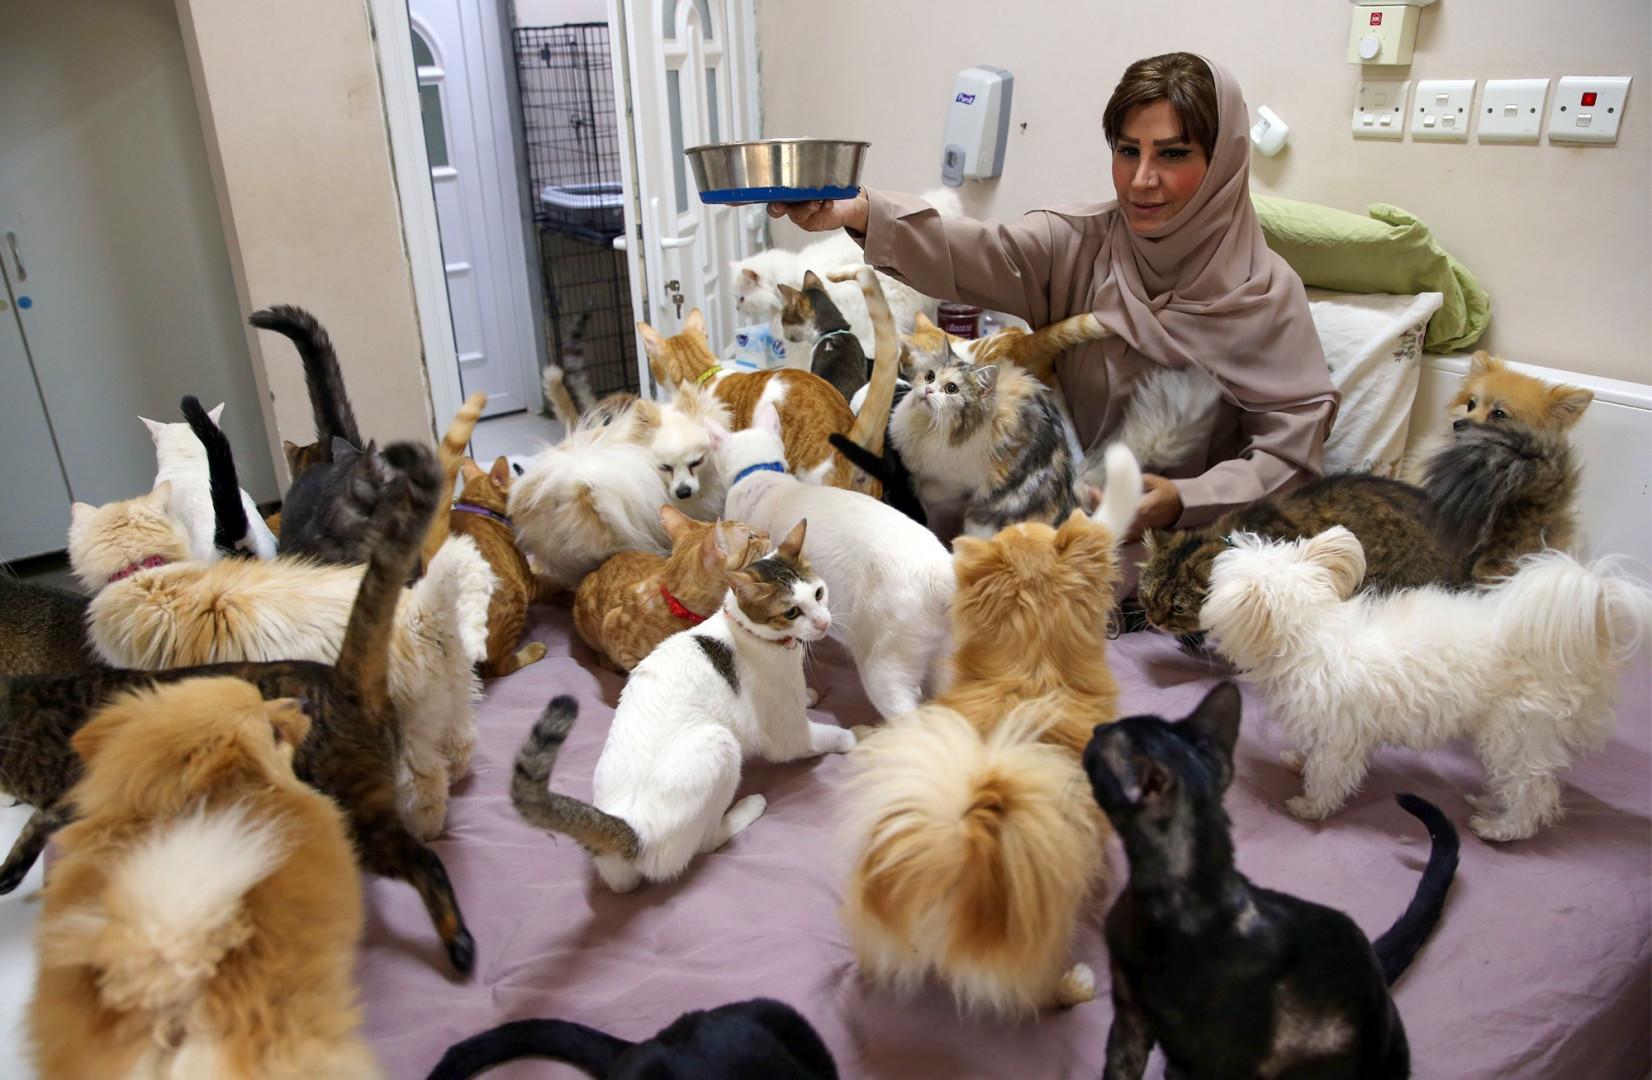 Maryam al-Balushi dépense quelque 6.500 euros par mois pour s'occuper de ces 500 animaux.